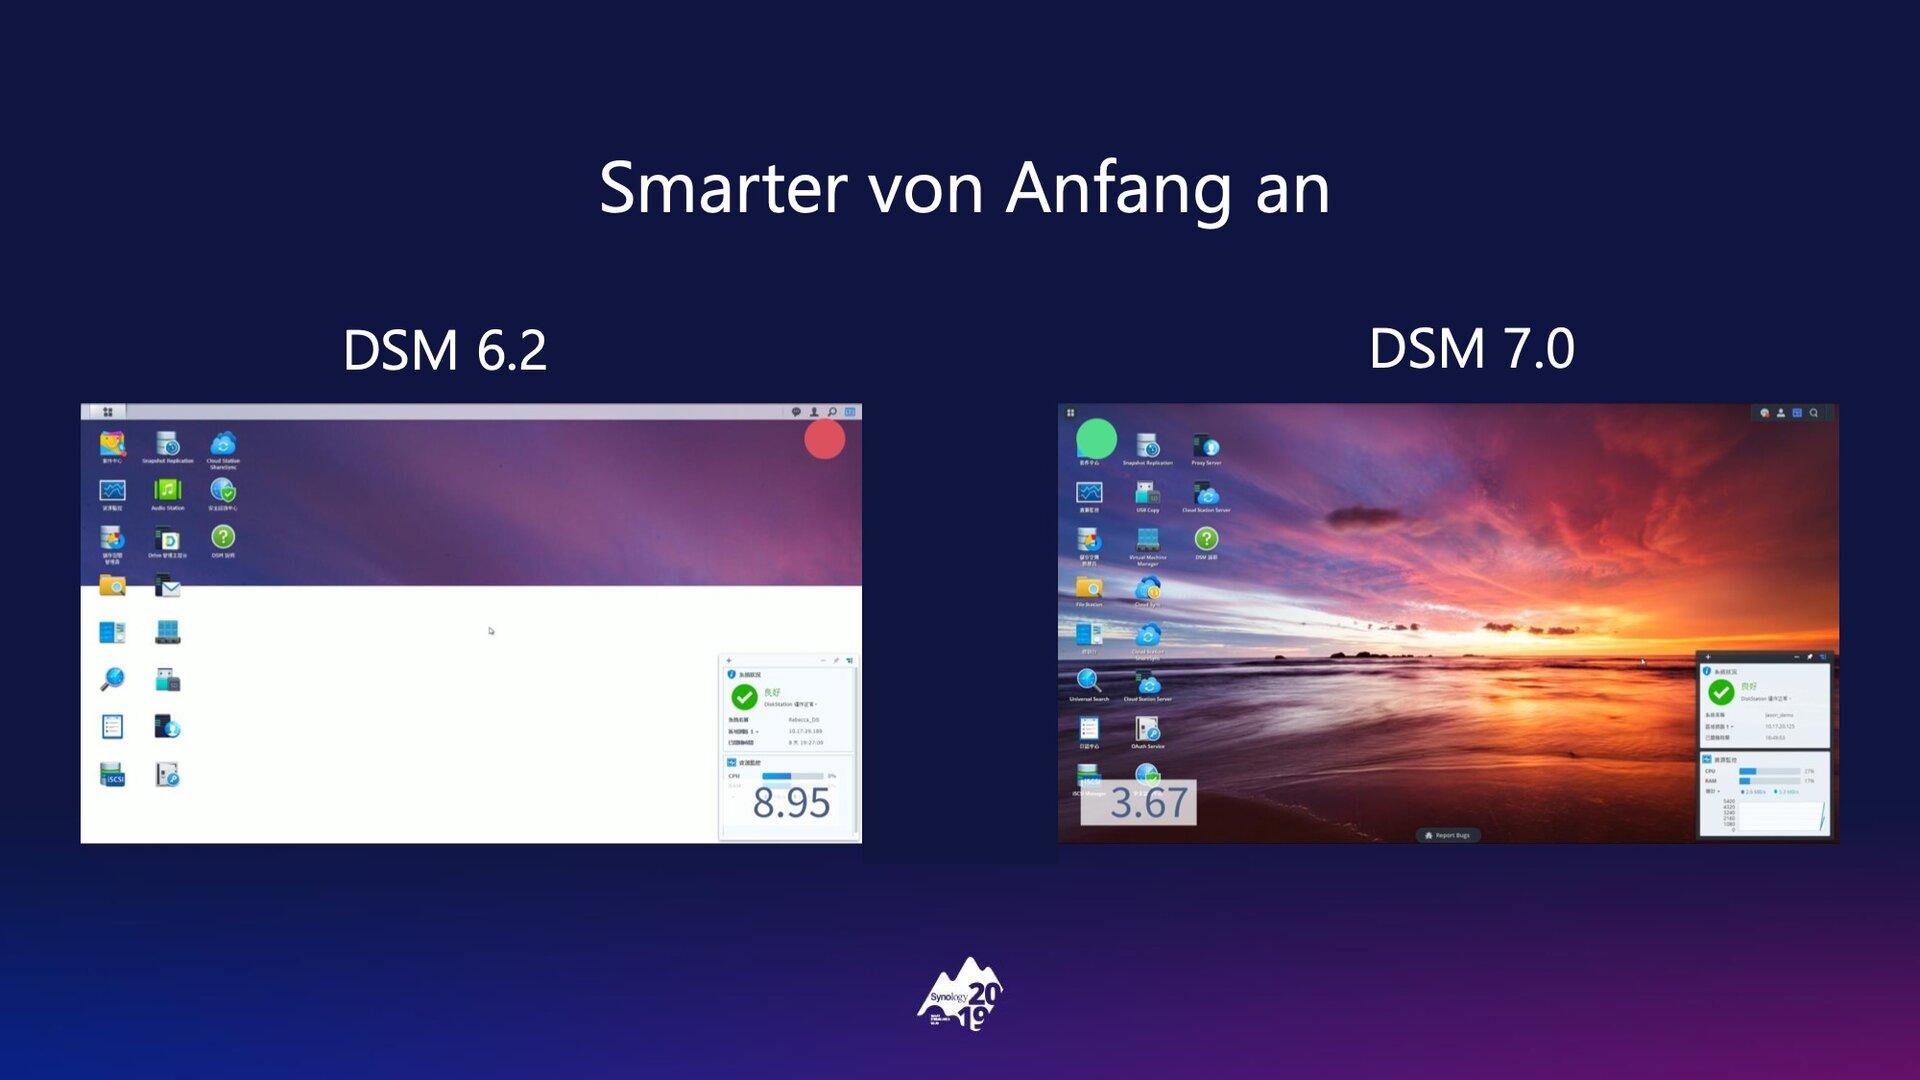 DSM 7.0: Deutlich schnellere Weboberfläche